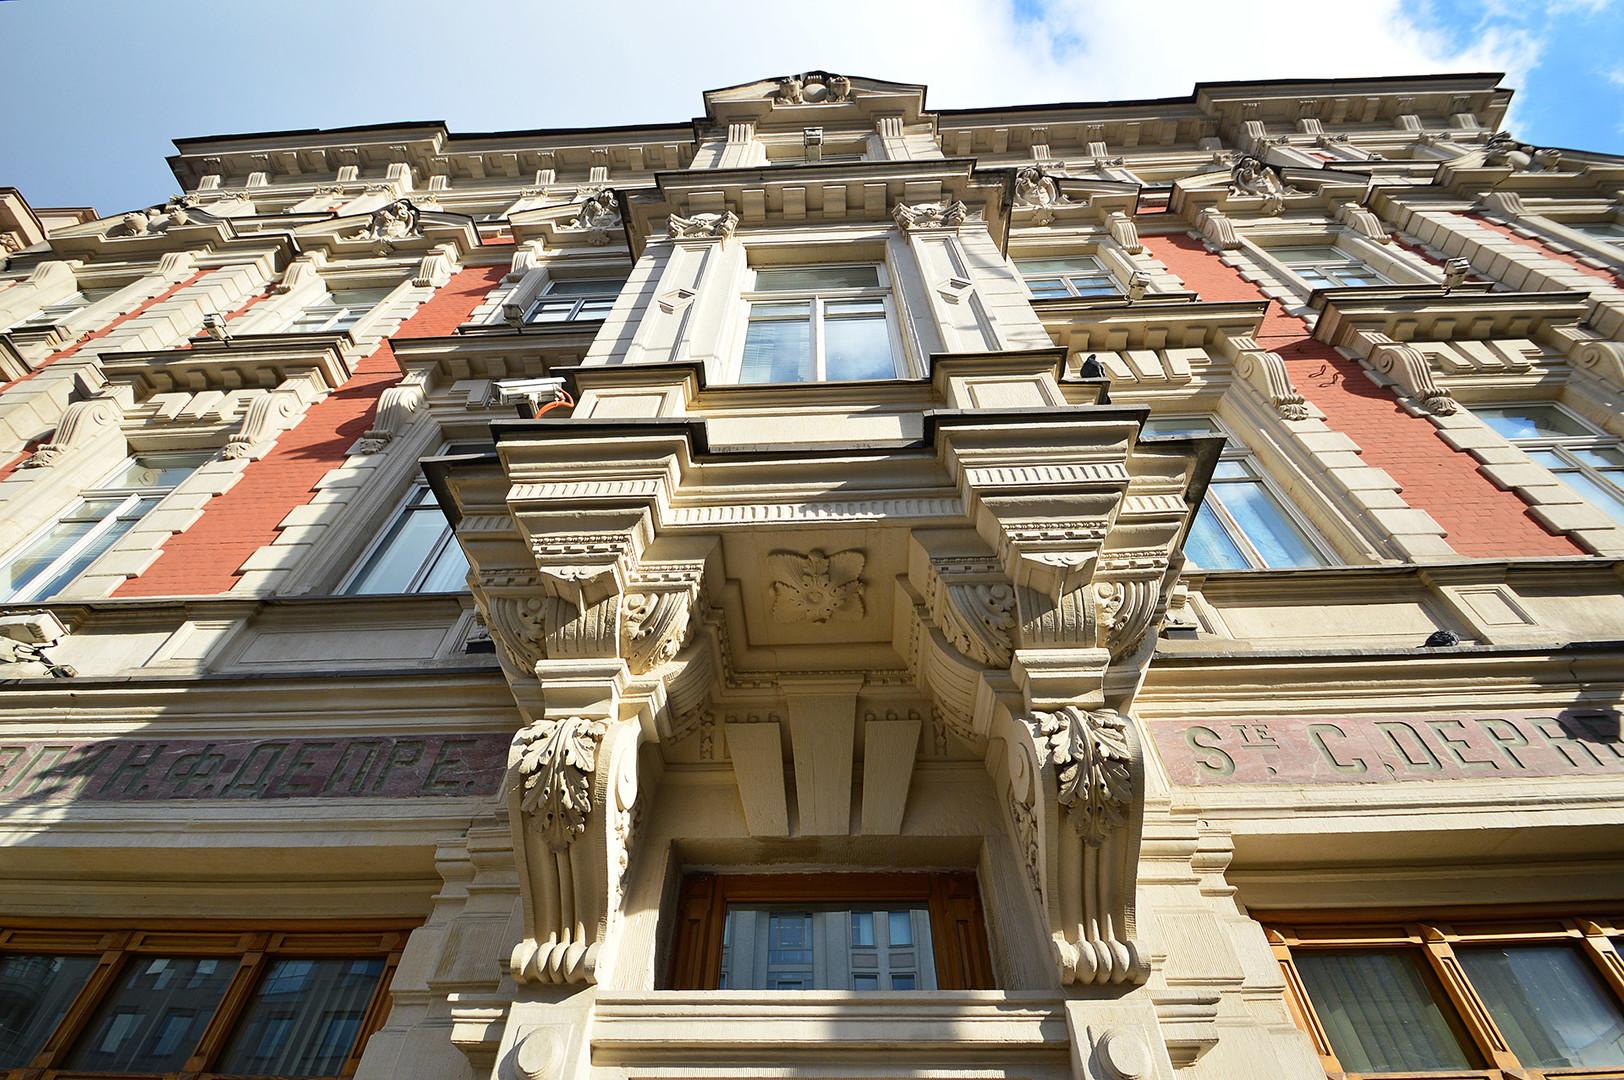 L'antica casa dei venditori di vino Deprez a Mosca